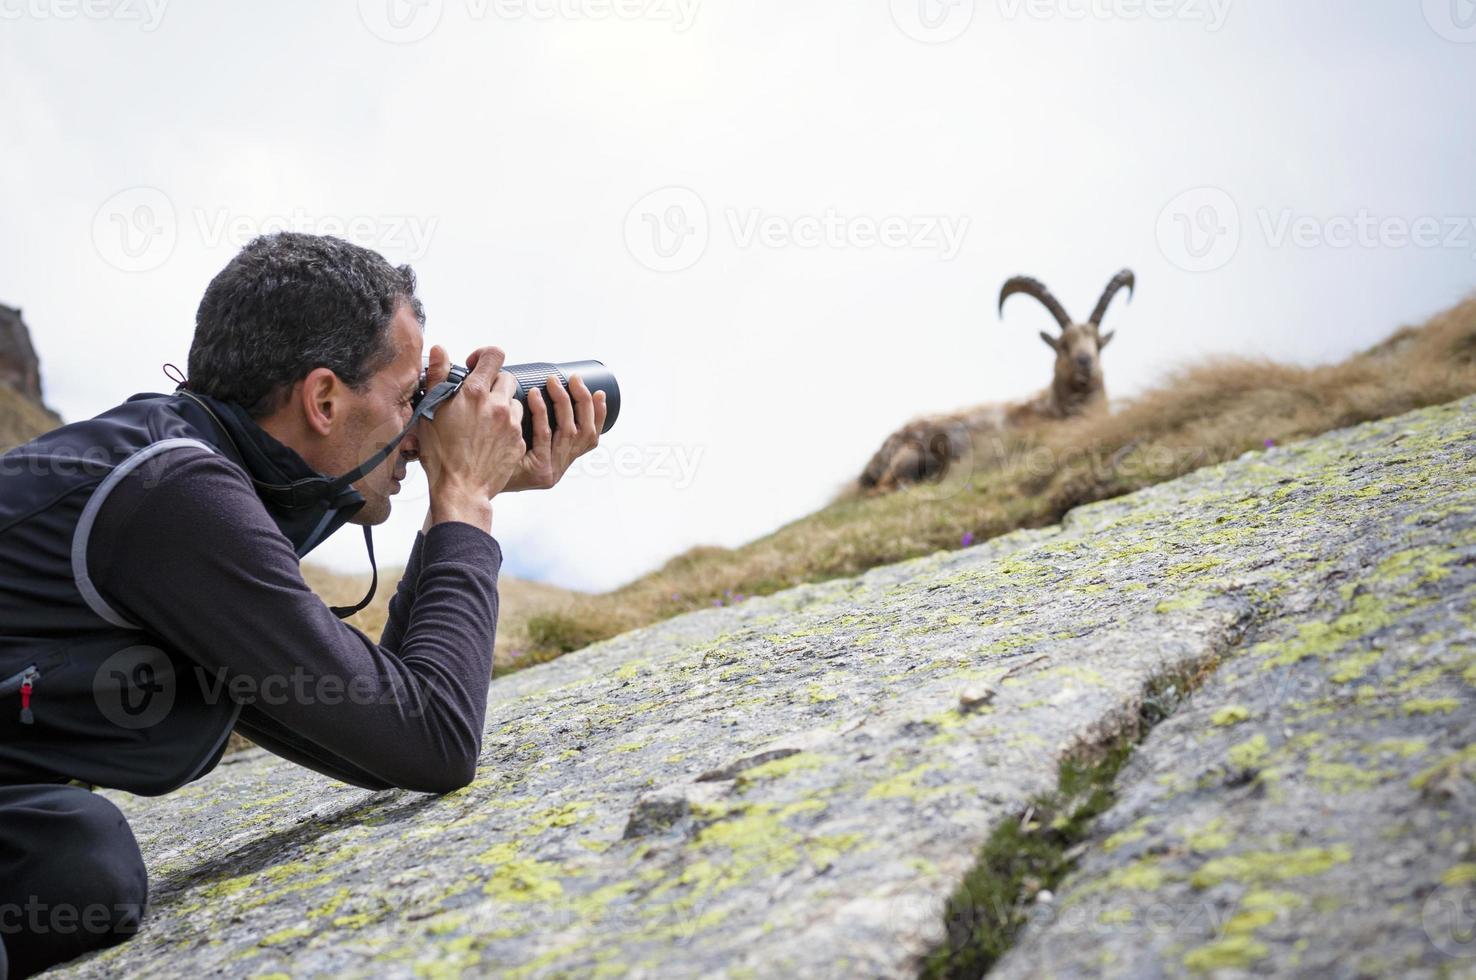 Wildtierfotograf foto